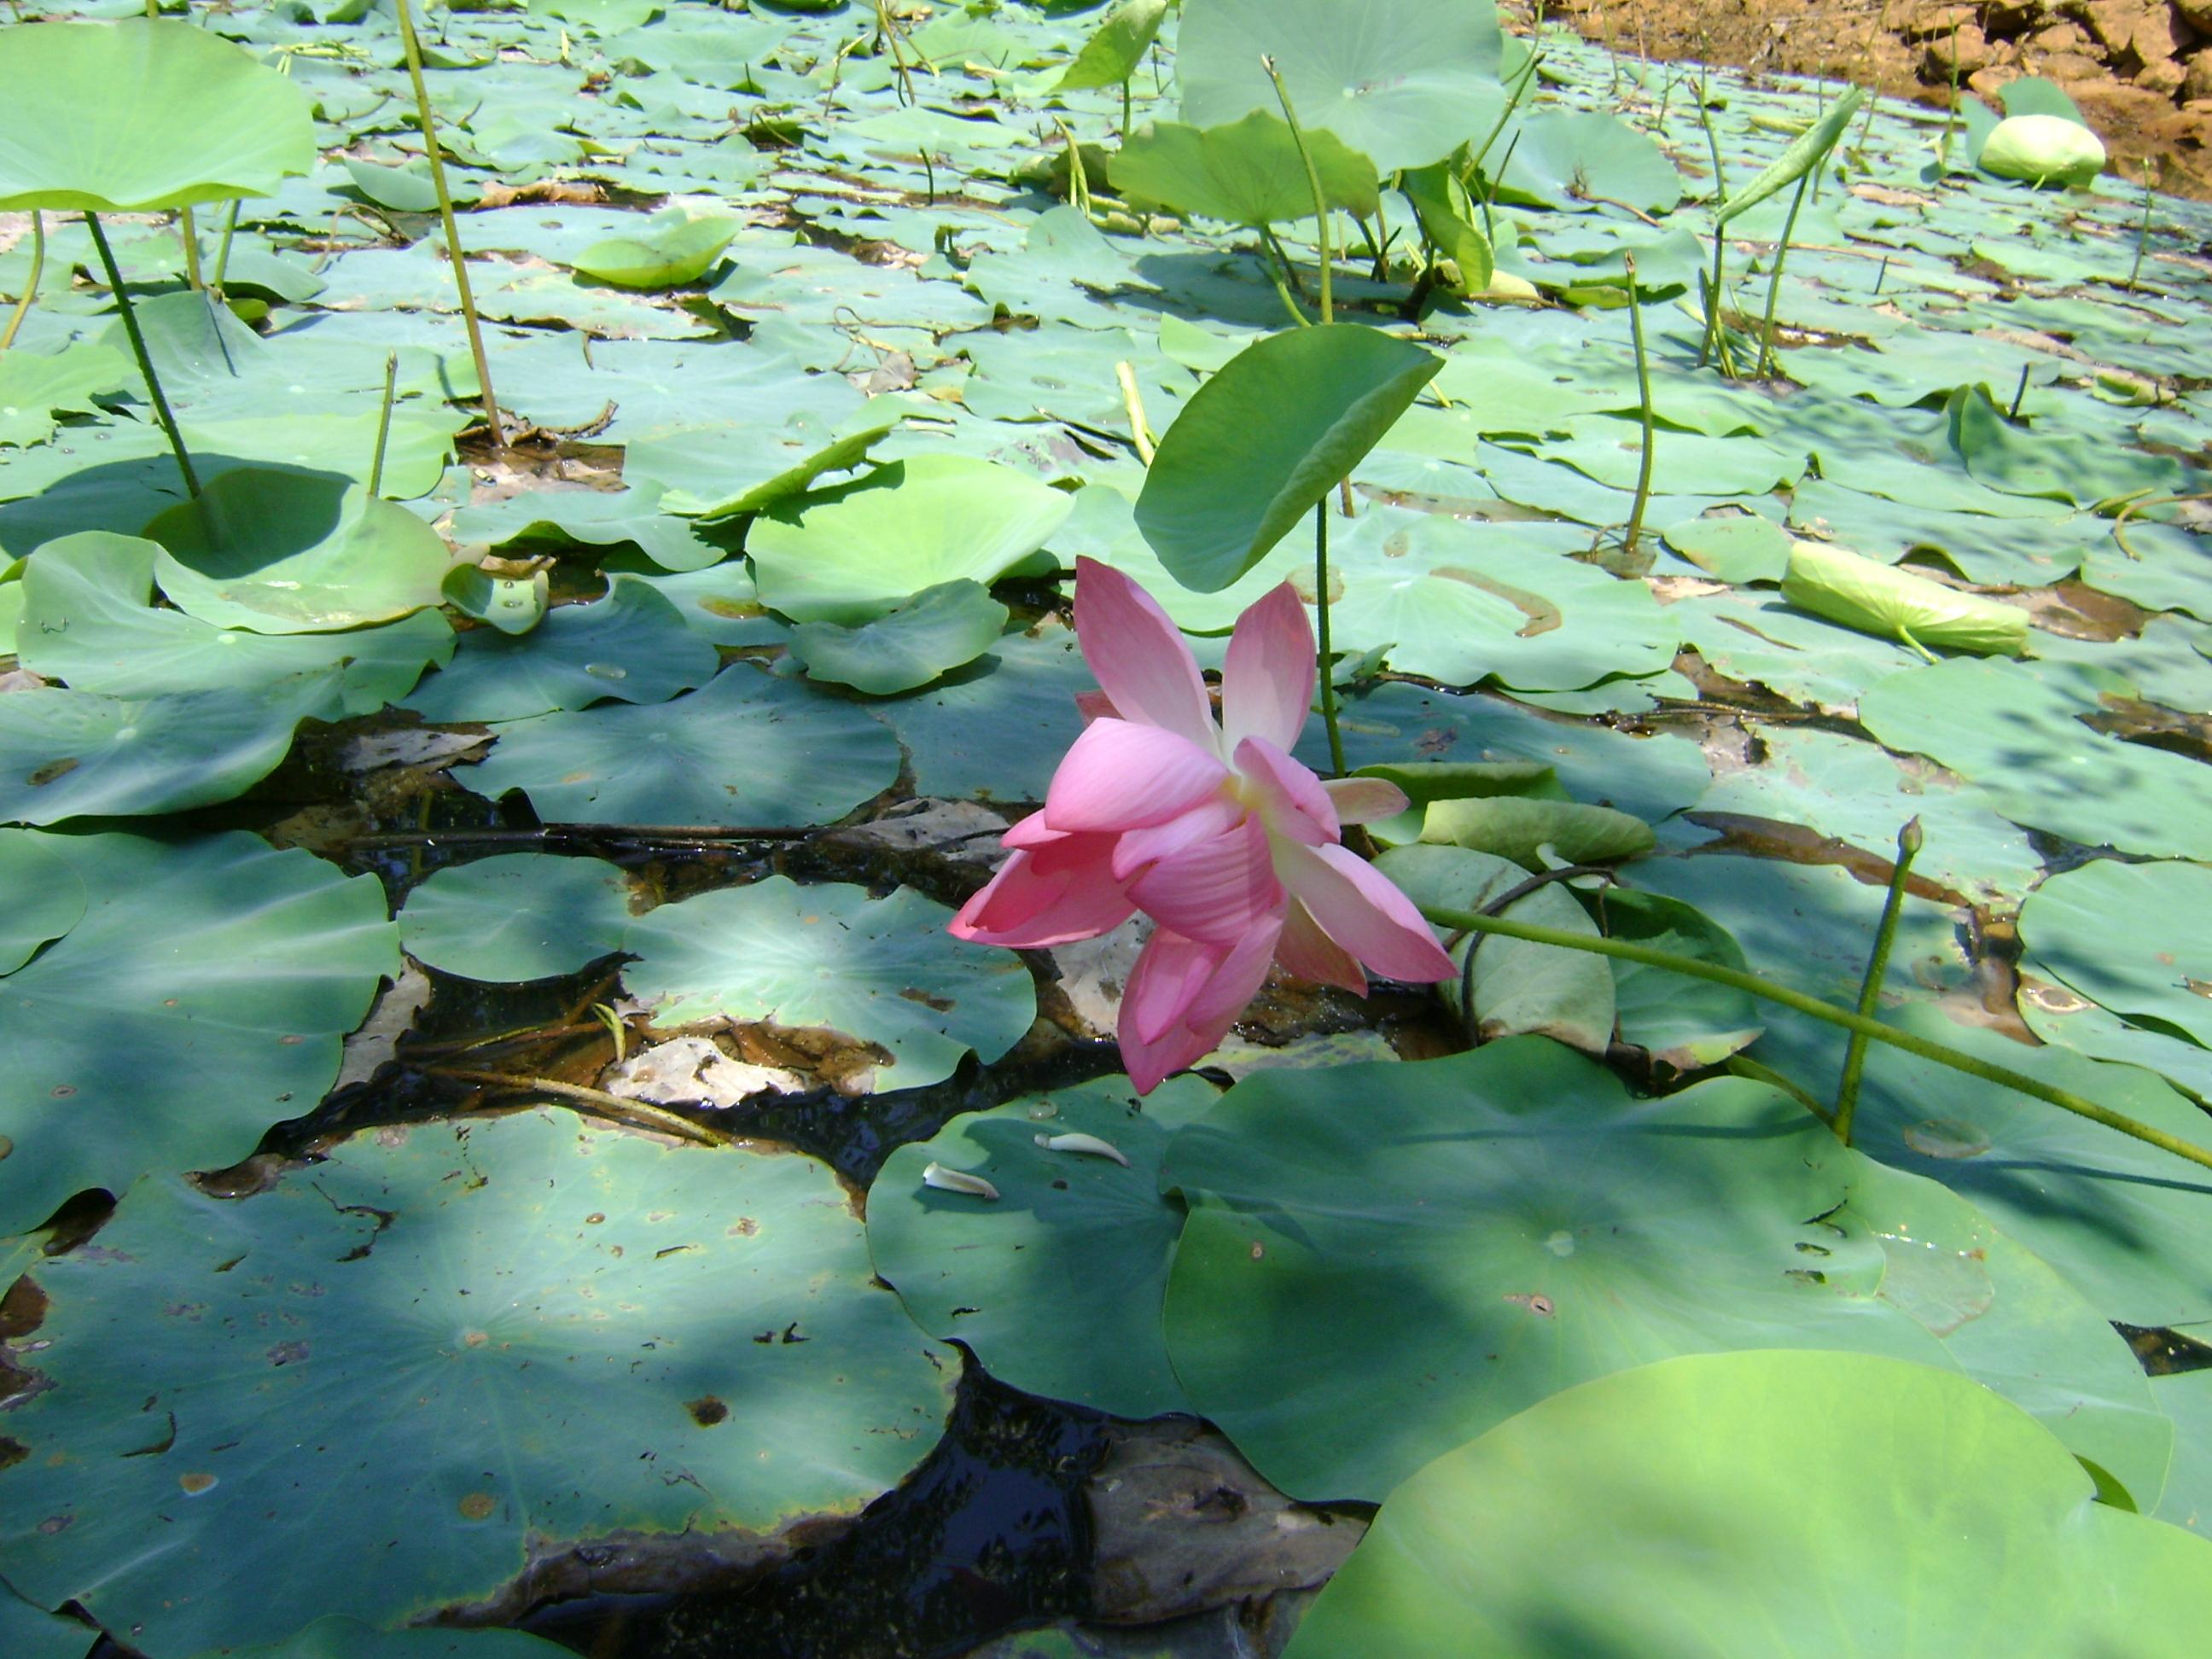 Filelotus flower in a pond in keralag wikimedia commons filelotus flower in a pond in keralag izmirmasajfo